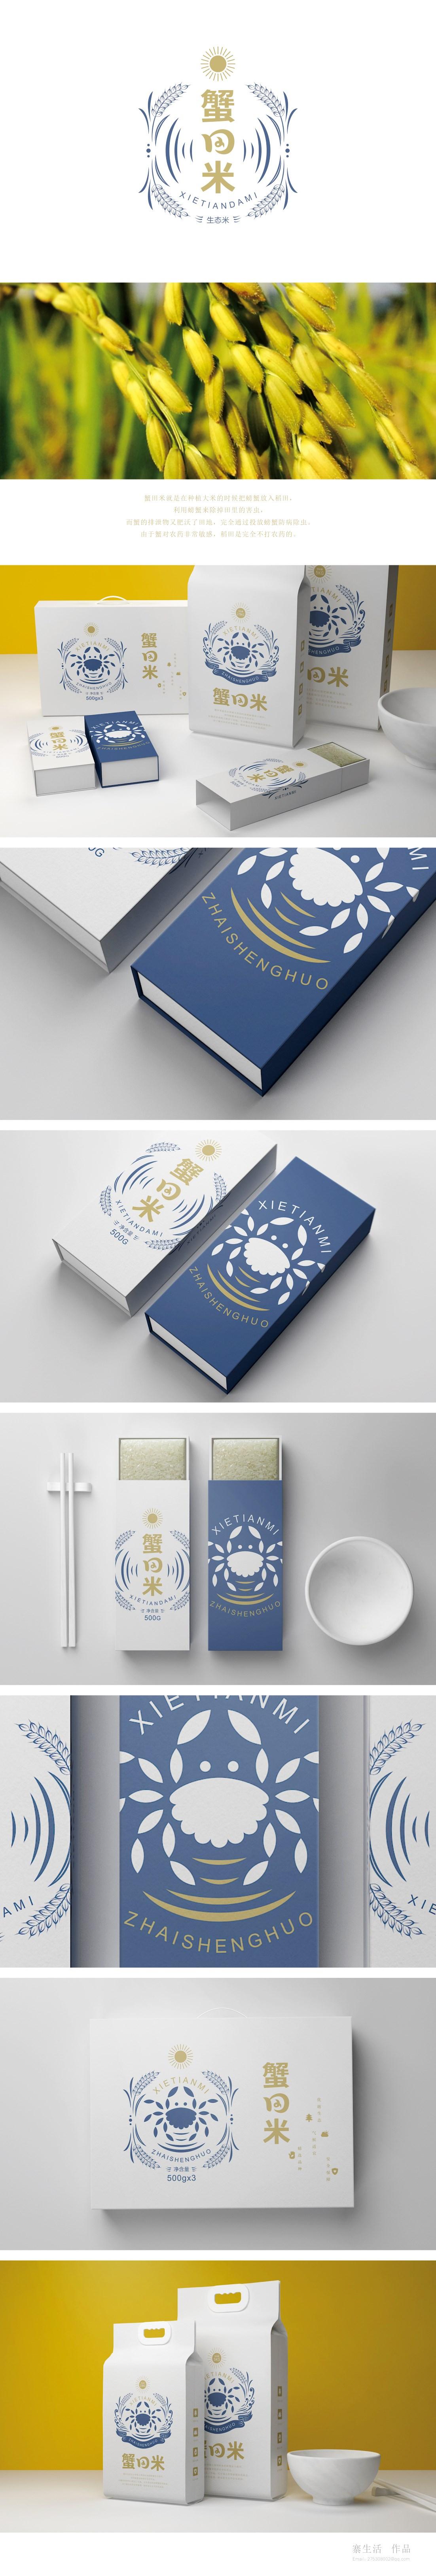 蟹田米包装设计